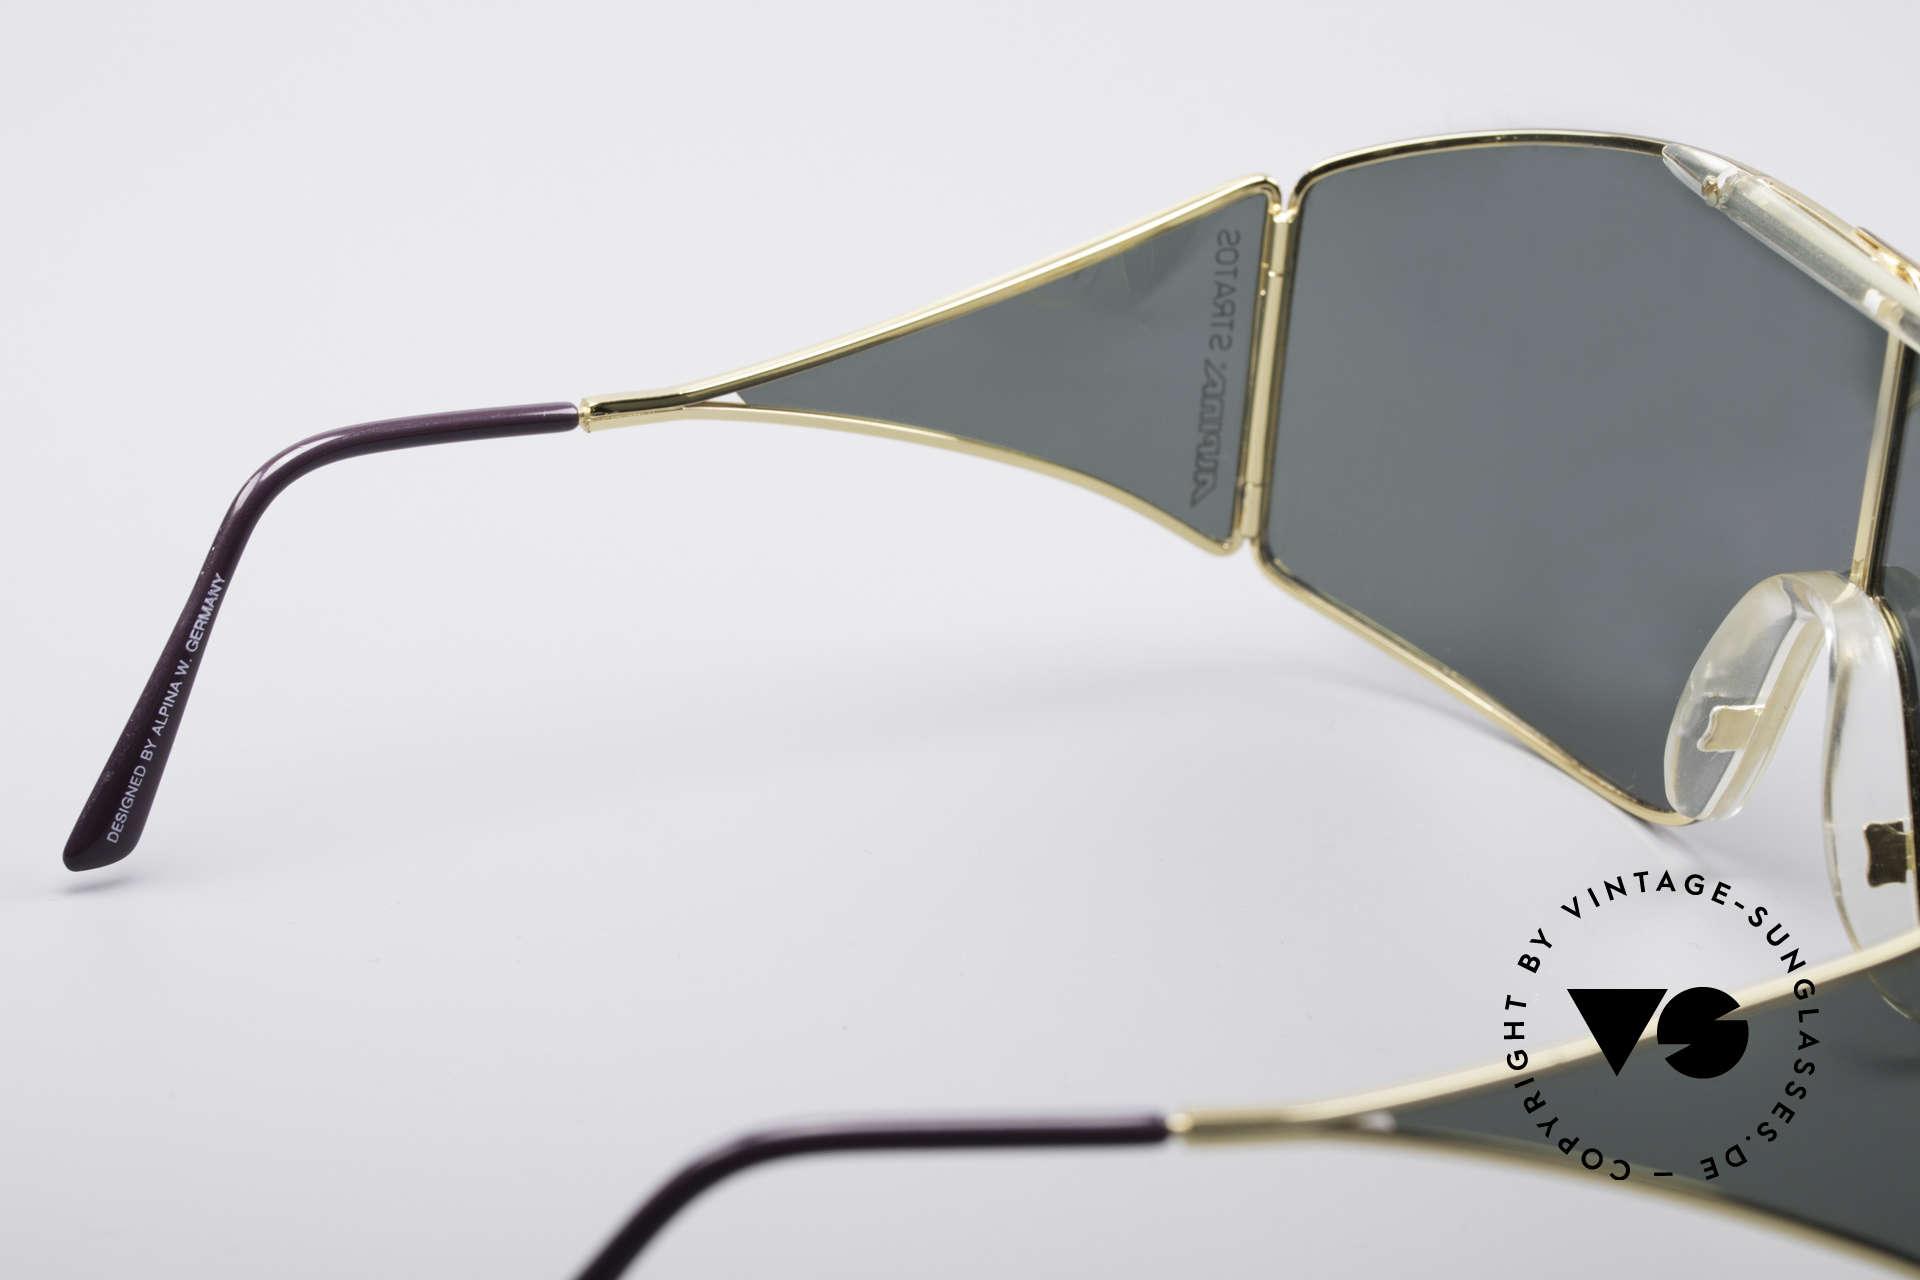 Alpina Stratos Polarisierende Vintage Brille, KEINE retro Brille, sondern ein altes 80er Original, Passend für Herren